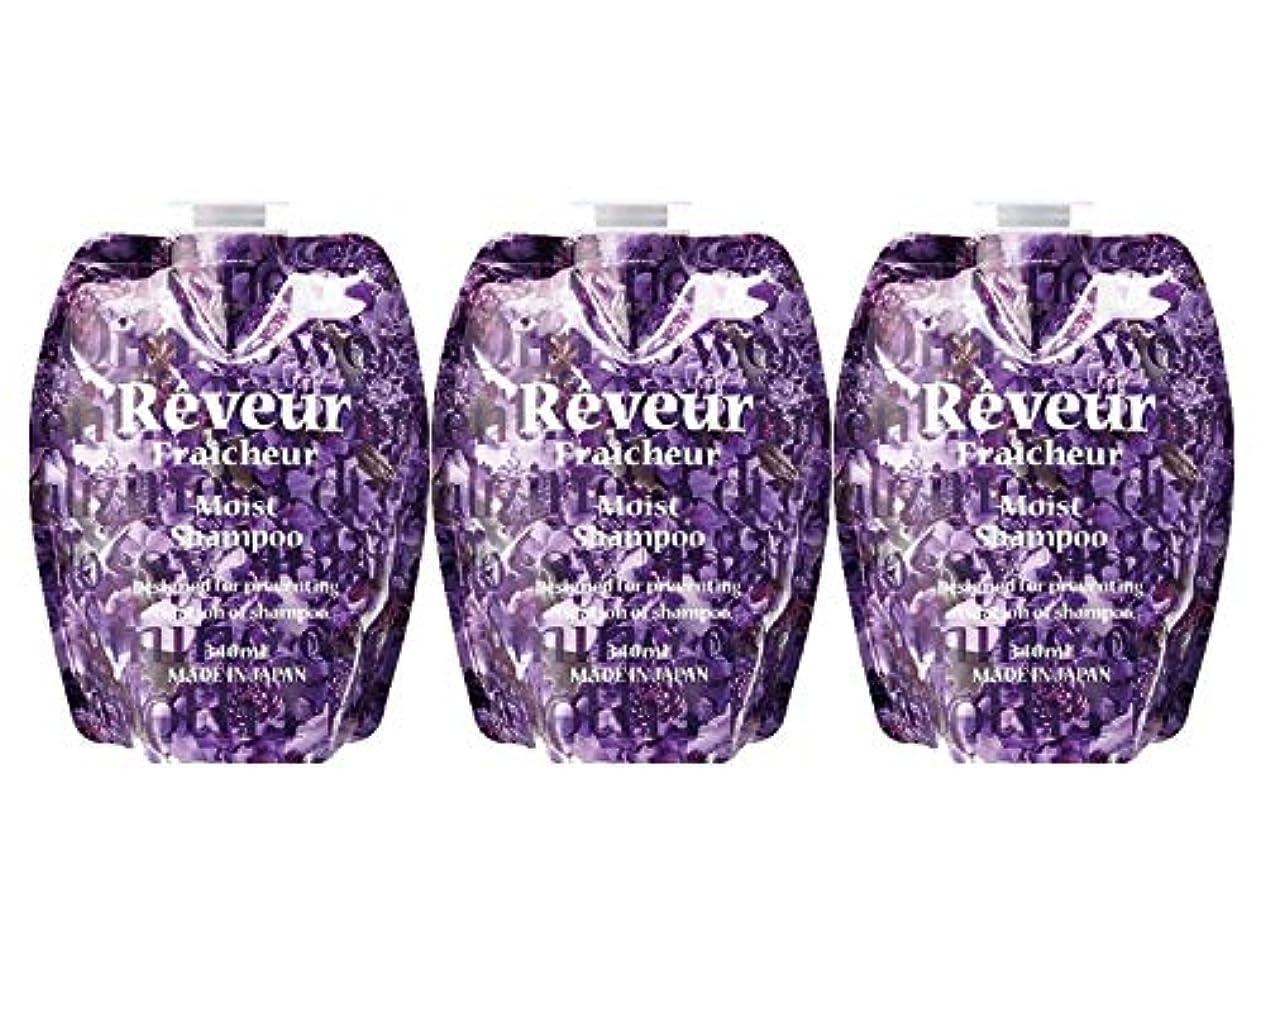 受け入れサイト毒【3個セット】 レヴール フレッシュール モイスト シャンプー 詰替え用 (340mL) × 3個